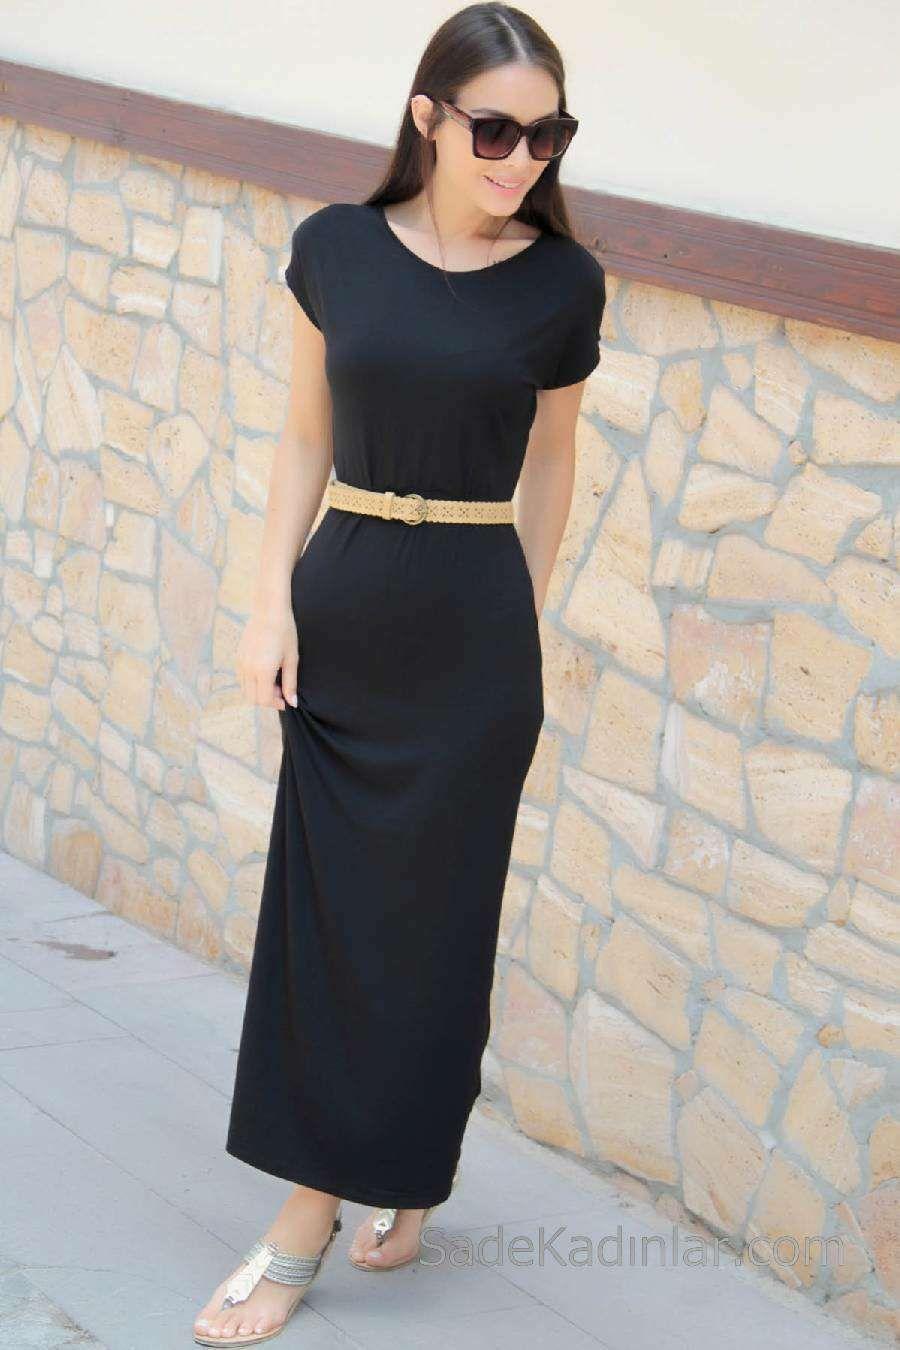 2020 Gunluk Elbise Modelleri Siyah Uzun Yuvarlak Yaka Kemerli Kisa Kollu Elbise Modelleri Elbise Moda Stilleri